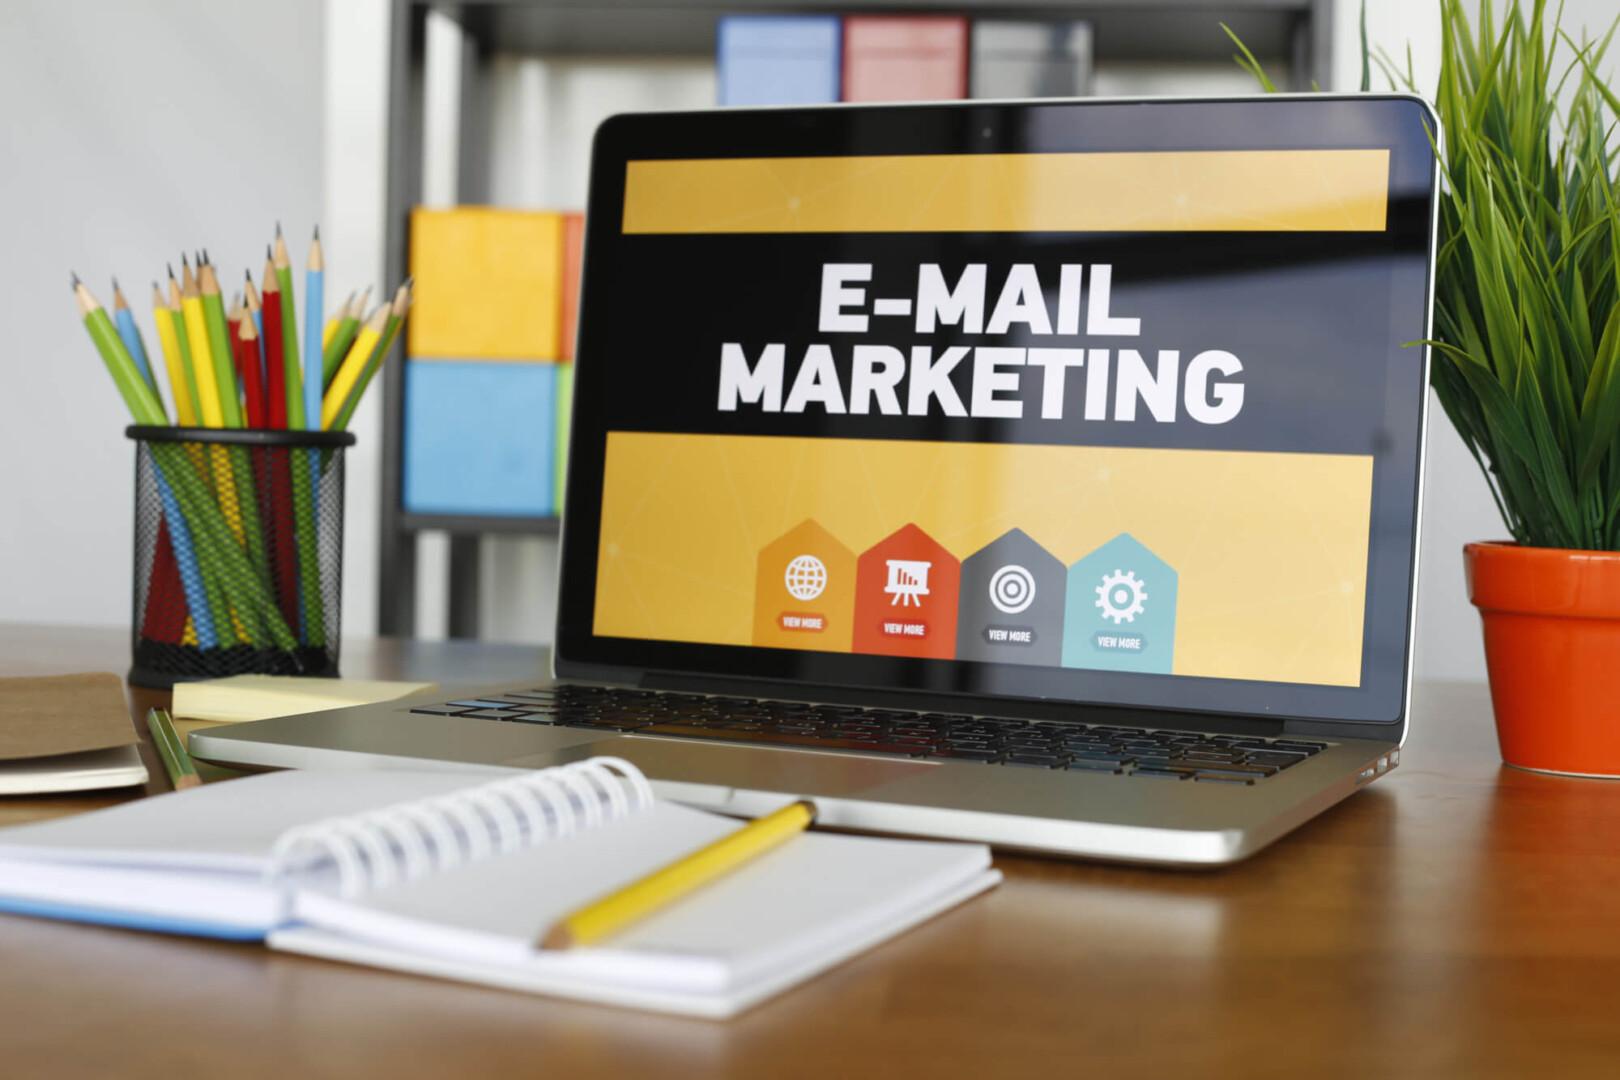 Cac-dang-email-marketing